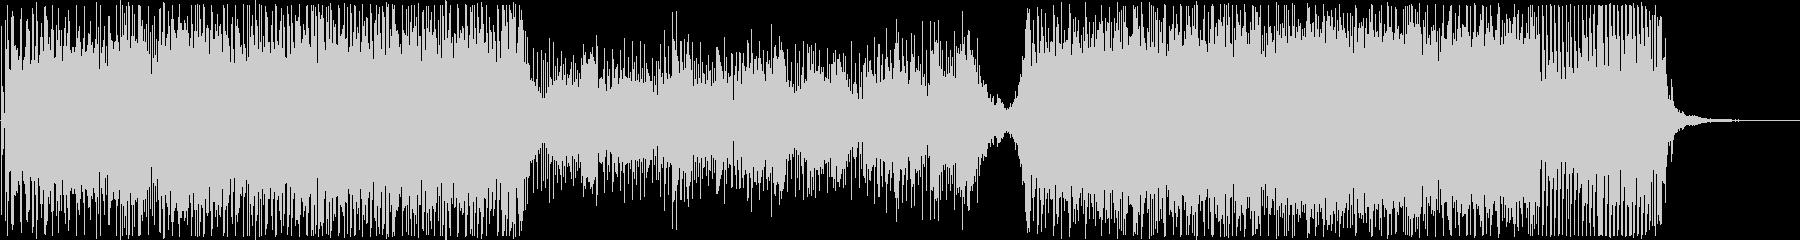 エレクトロなホラー系劇伴の未再生の波形